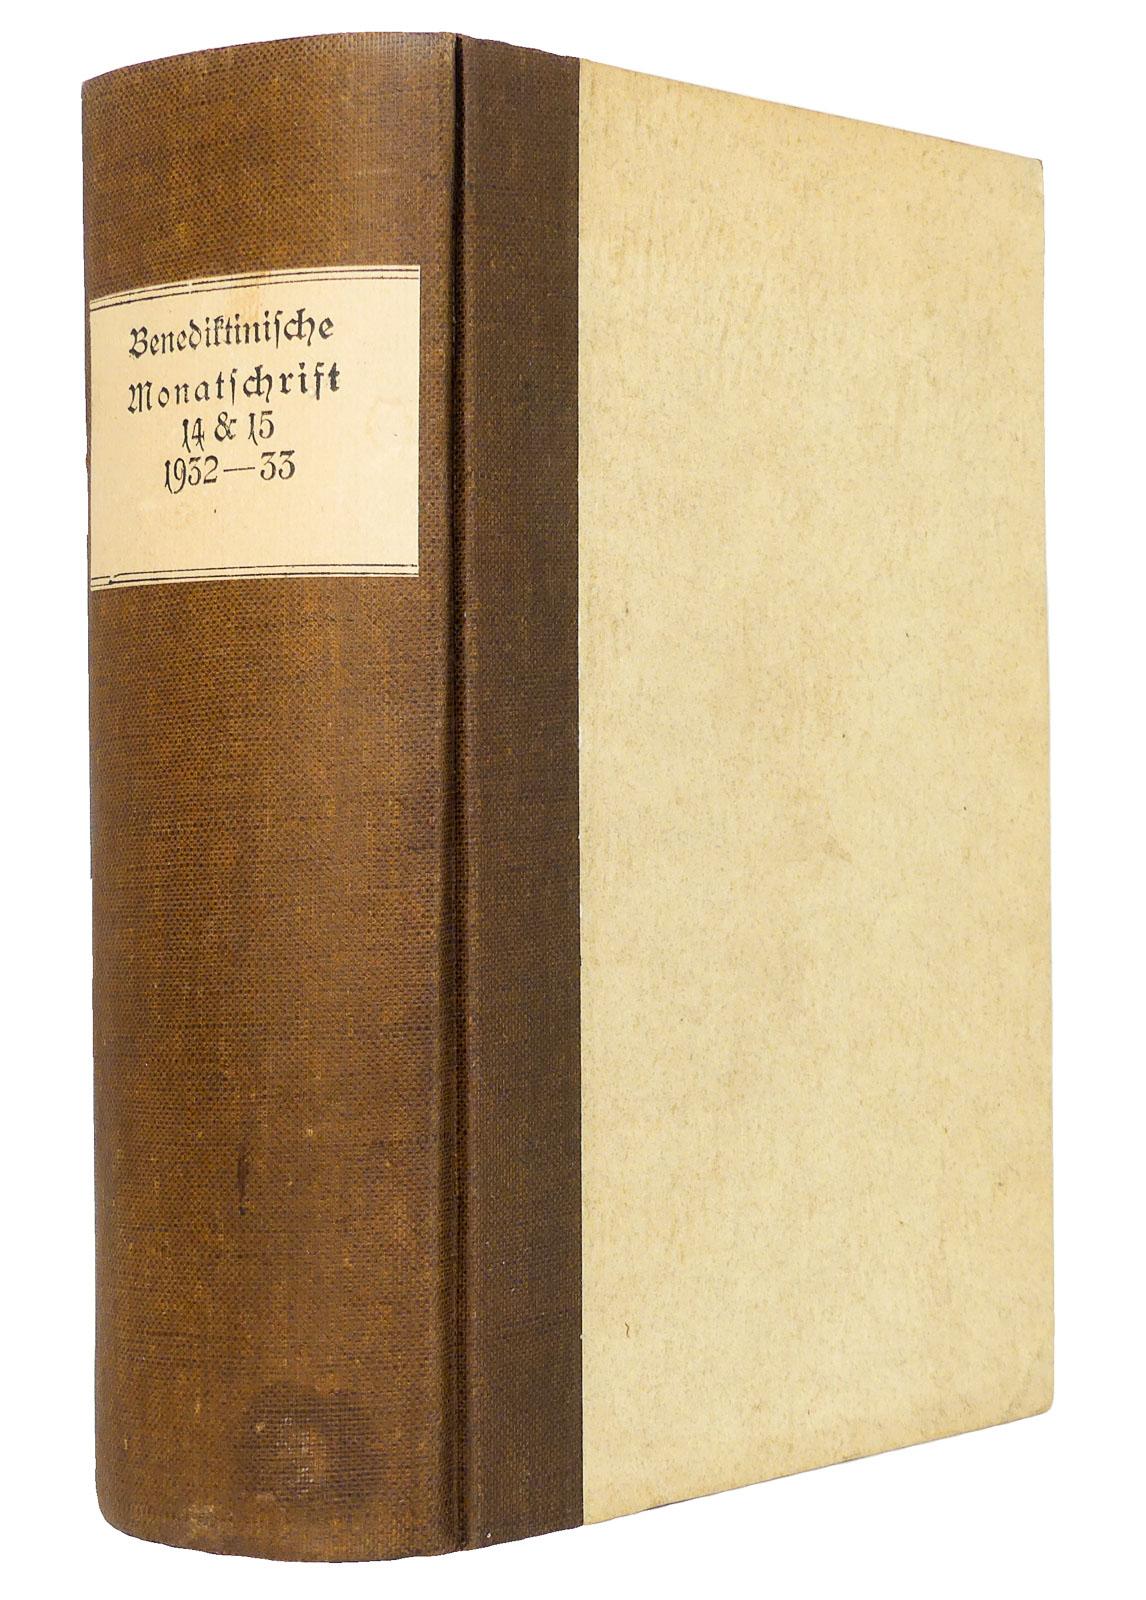 Benediktinische Monatschrift [Monatsschrift] zur Pflege religiösen und: Erzabtei Beuron [Hg.]